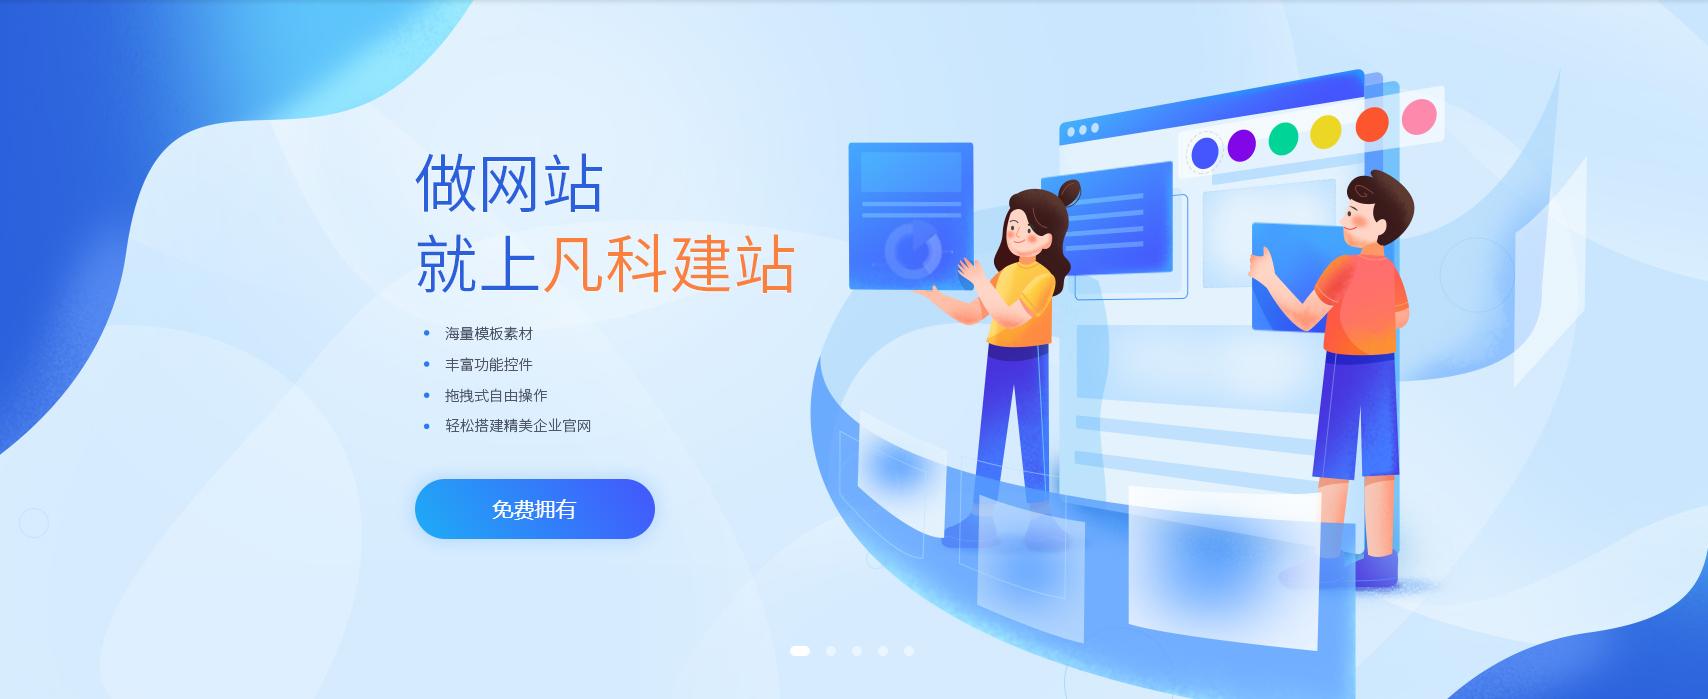 外贸商城网站怎么创建